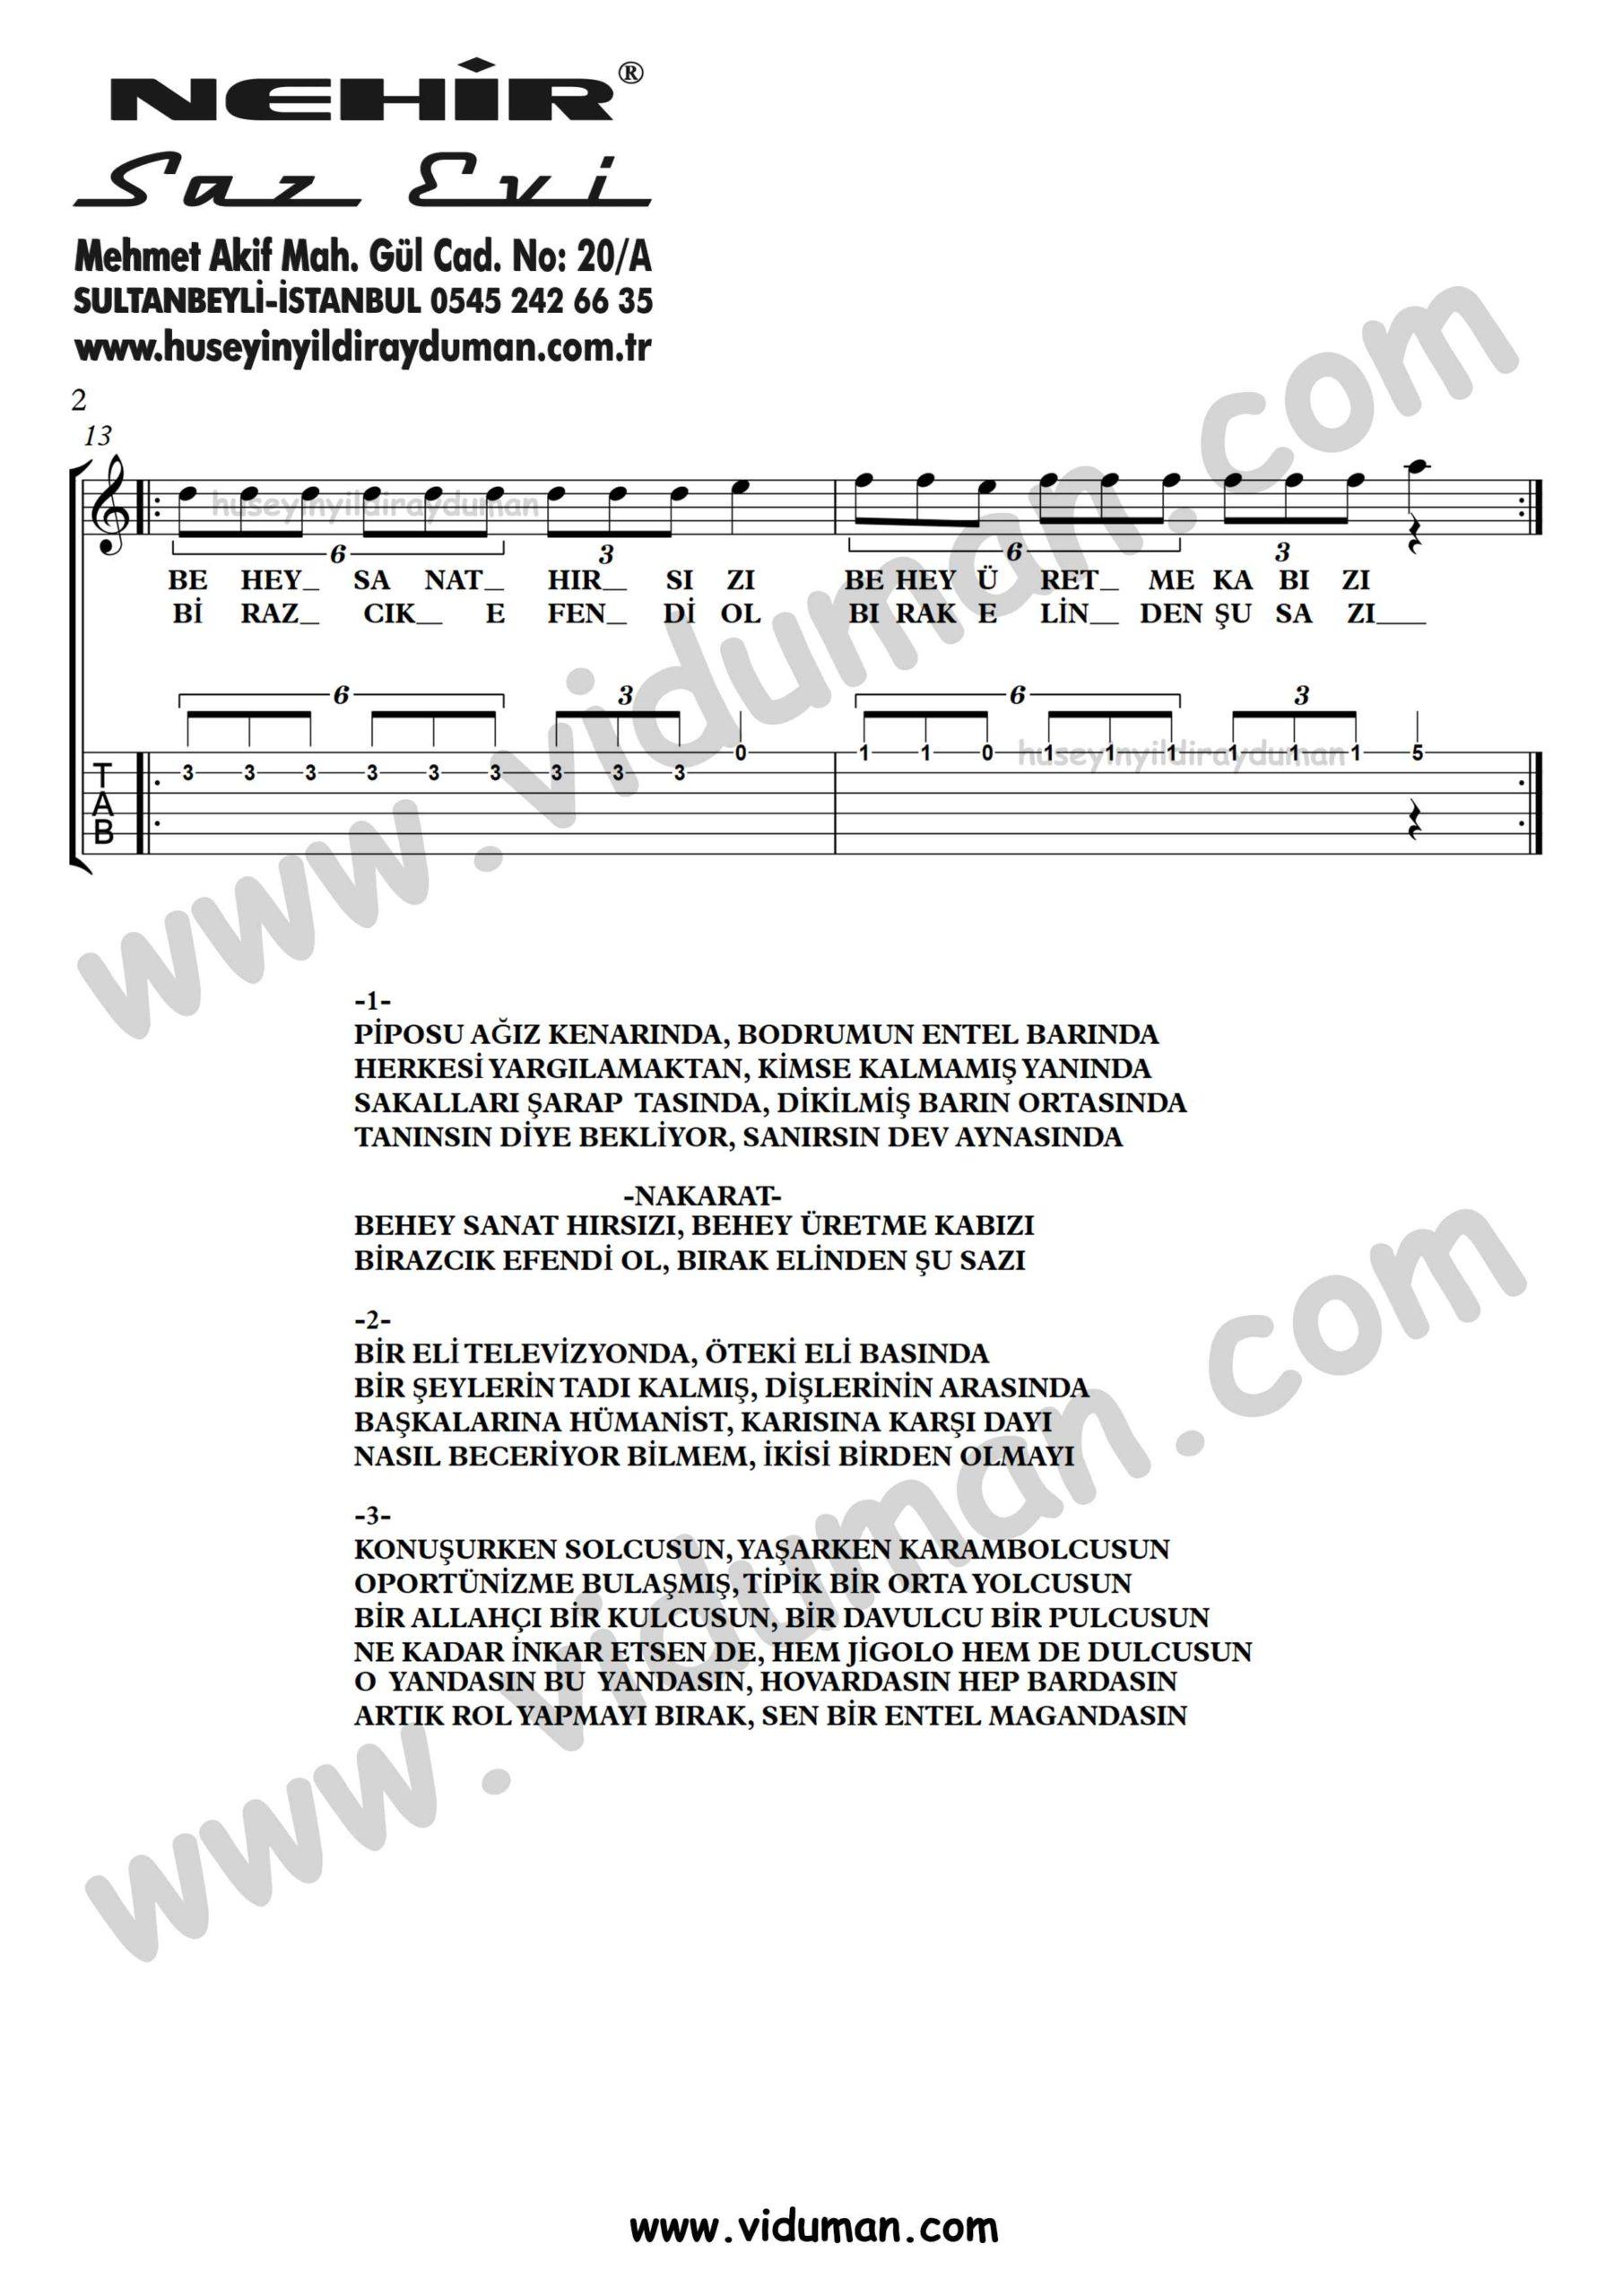 Entel Maganda_2-Ahmet Kaya-Gitar Tab-Solo Notalari